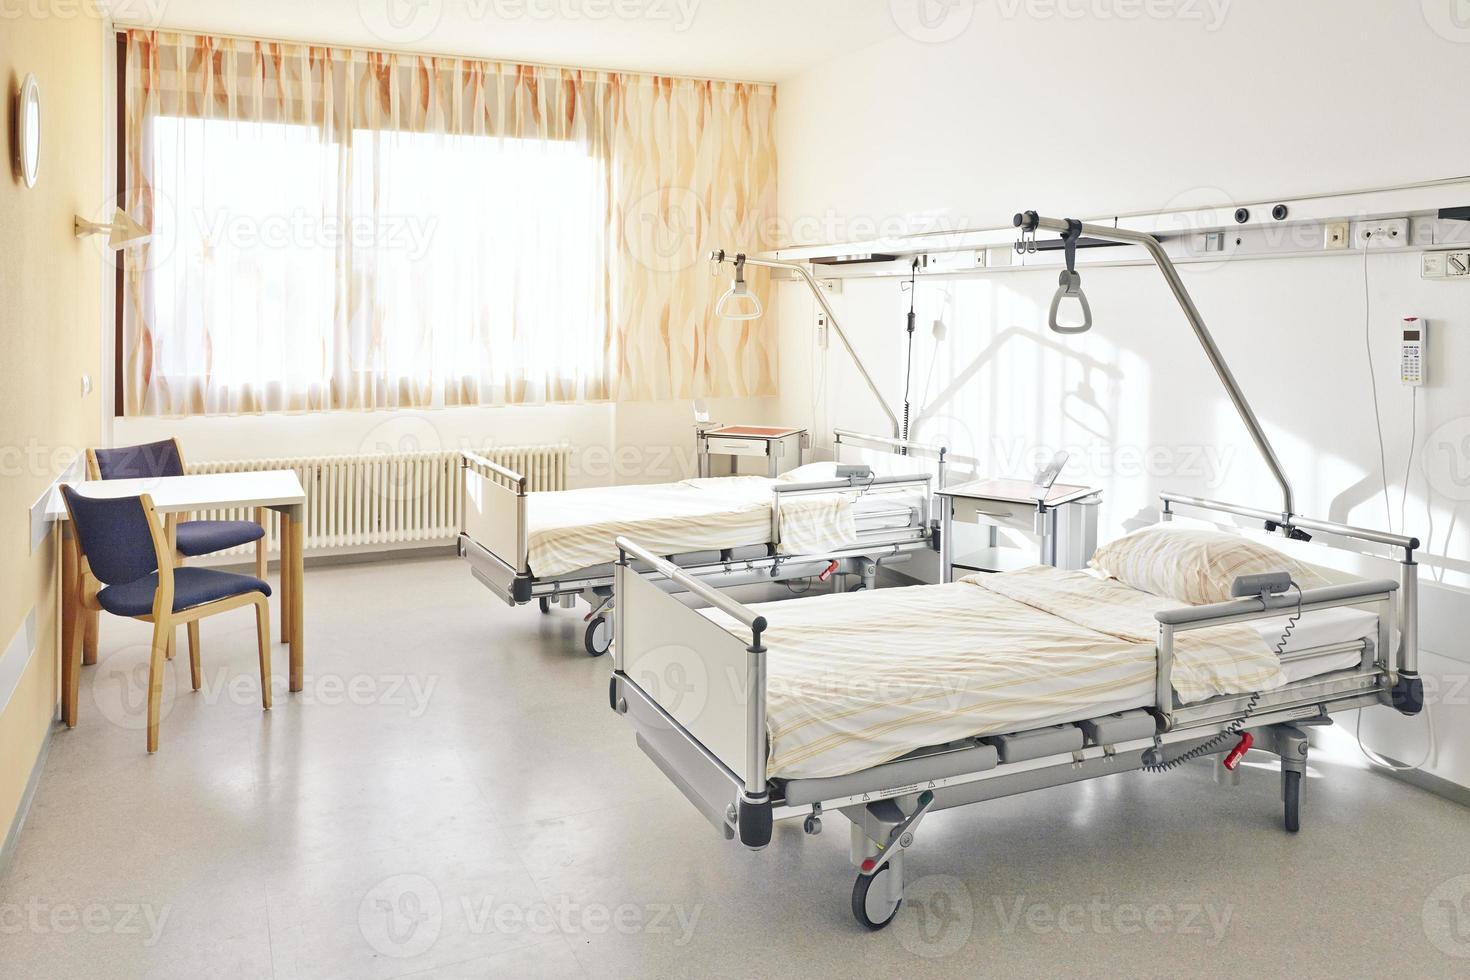 chambre d'hôpital avec deux lits et une table avec deux chaises photo